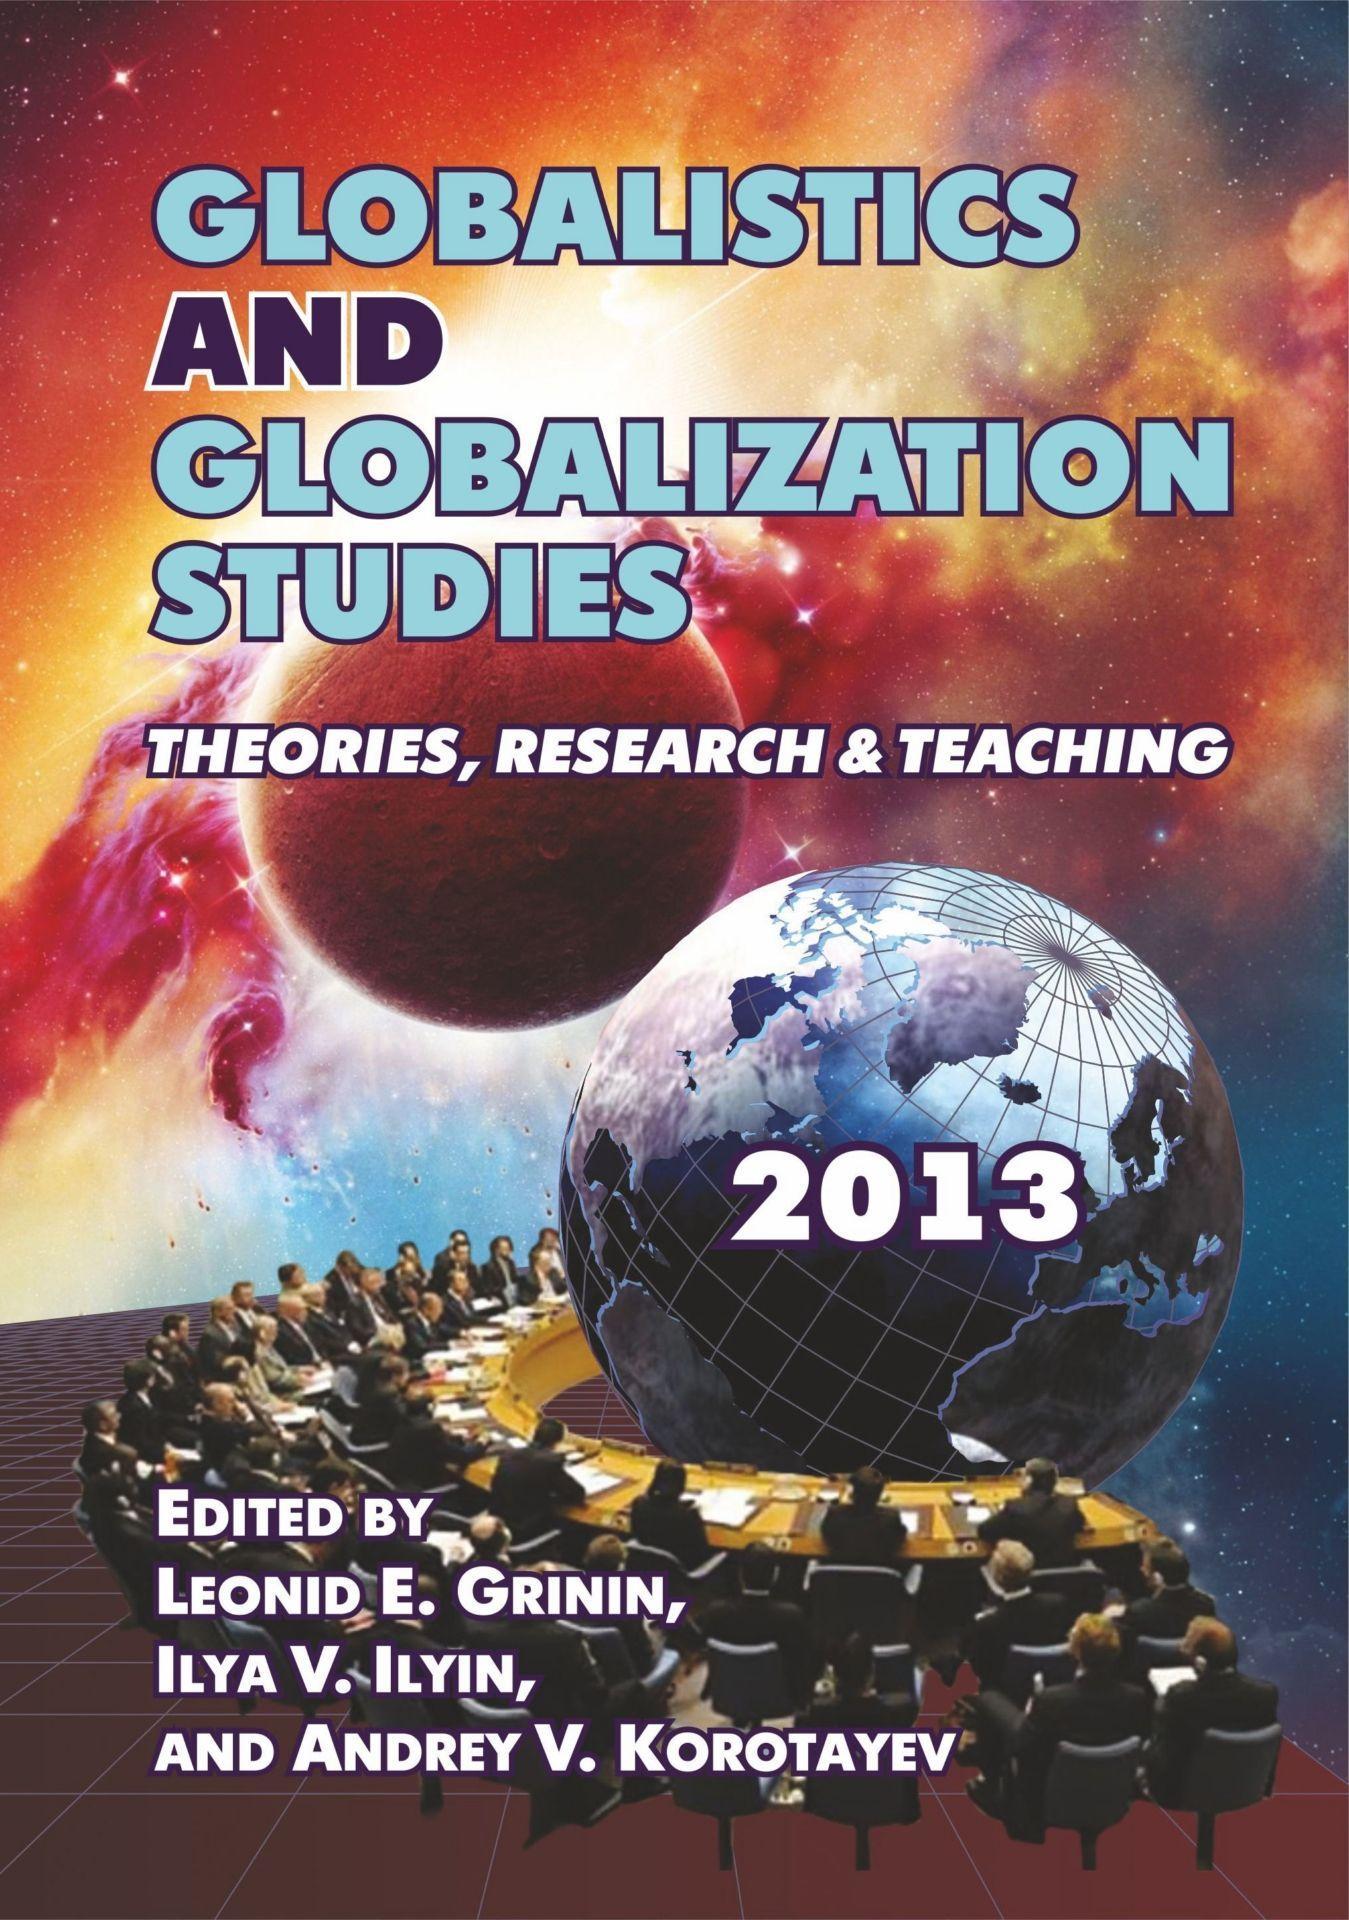 Globalistics and globalization studies: Theories, Research, and TeachingВУЗ<br>Настоящий выпуск является вторым в серии ежегодников под общим названием Глобалистика и глобализационные исследования. Глобалистику можно рассматривать как системные и более- менее интегрированное ядро глобализационных исследований. Сегодня глобалистика...<br><br>Год: 2013<br>Серия: Для студентов и преподавателей<br>ISBN: 978-5-7057-3619-5<br>Высота: 235<br>Ширина: 163<br>Толщина: 17<br>Переплёт: мягкая, склейка